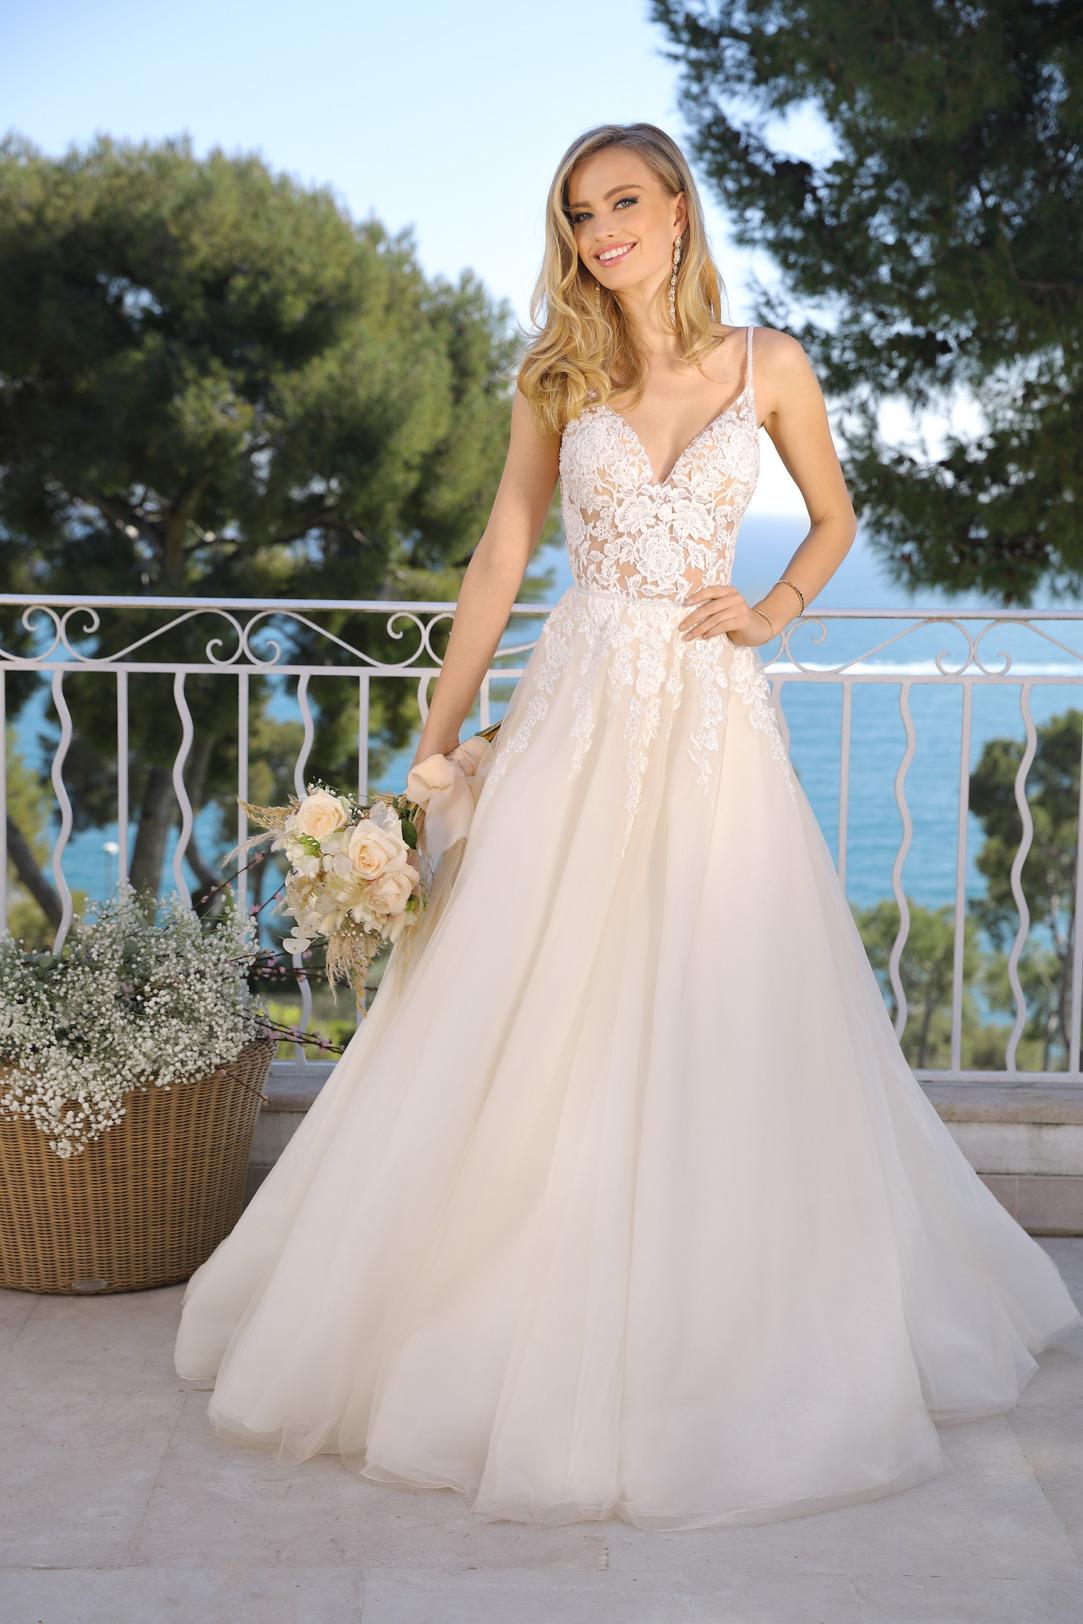 Brautkleid in A-Linie mit V-Ausschnitt in Kleid in der Farbe light pink rose. Hochzeitskleid in A Linie von Ladybird Modell 421011. Hochzeitskleid mit V-Ausschnitt und schmalen Trägern, transparente Spitzte in light pink rose